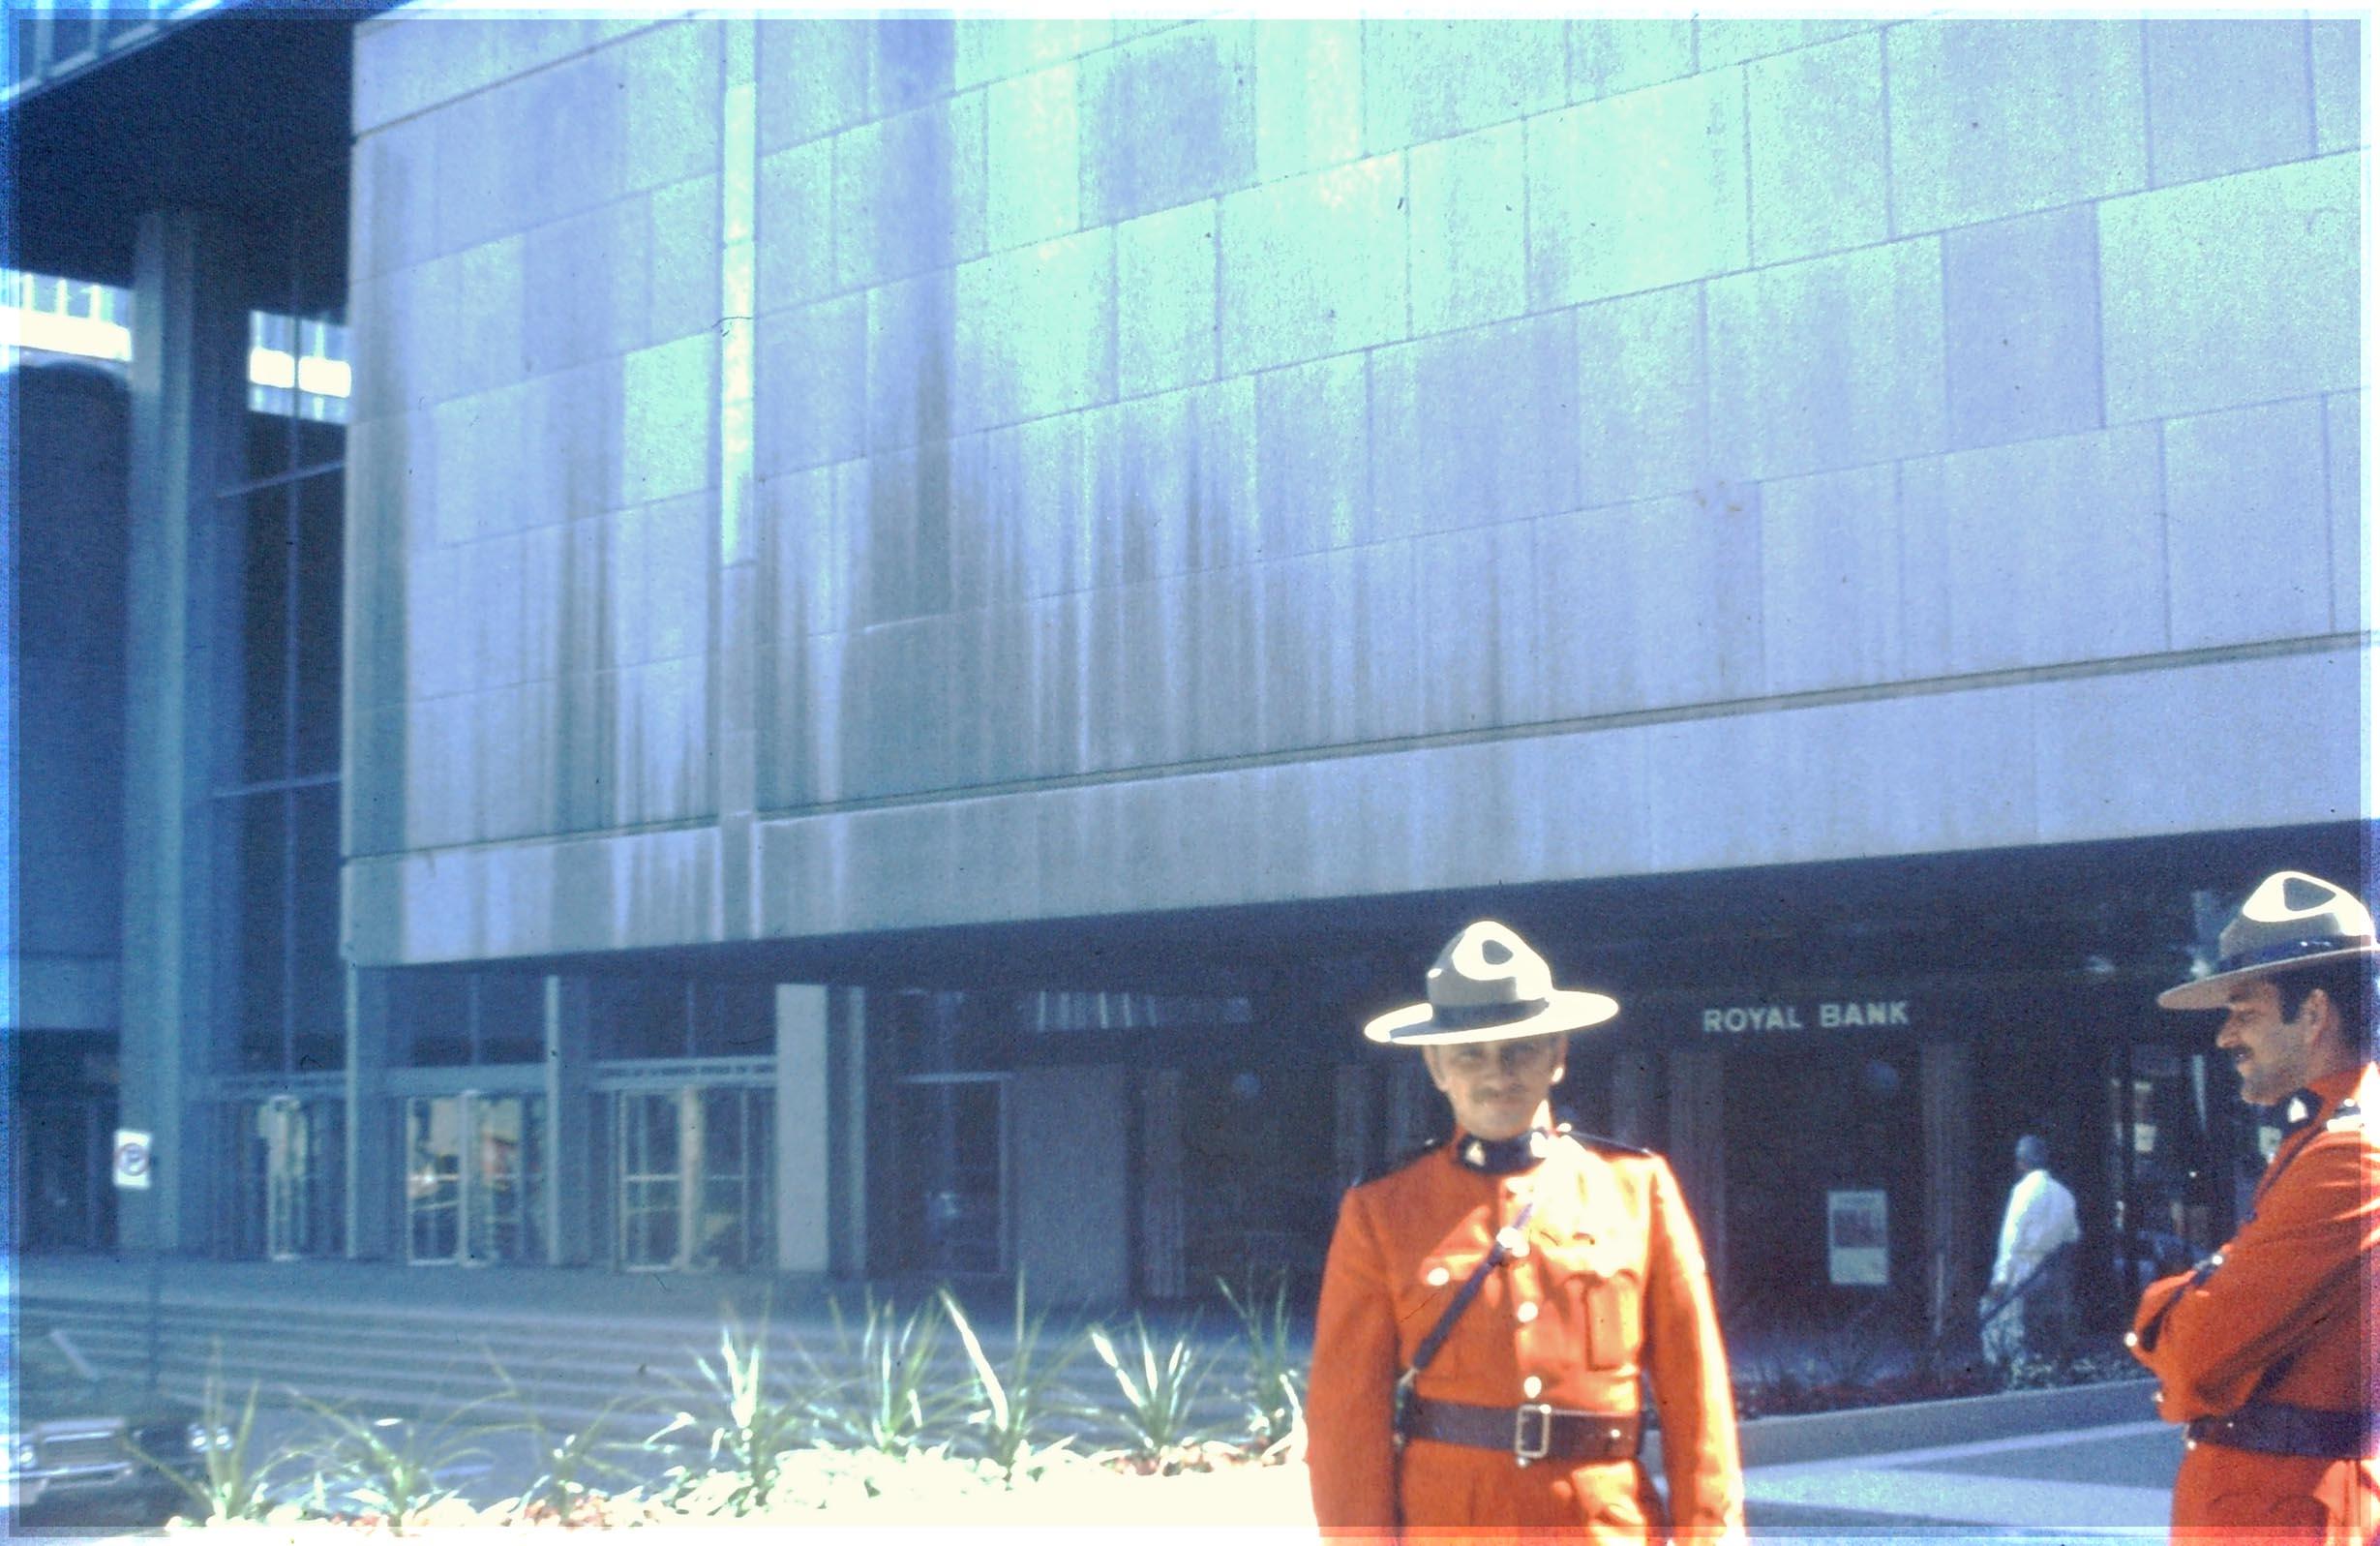 Two men in uniform outside modern building